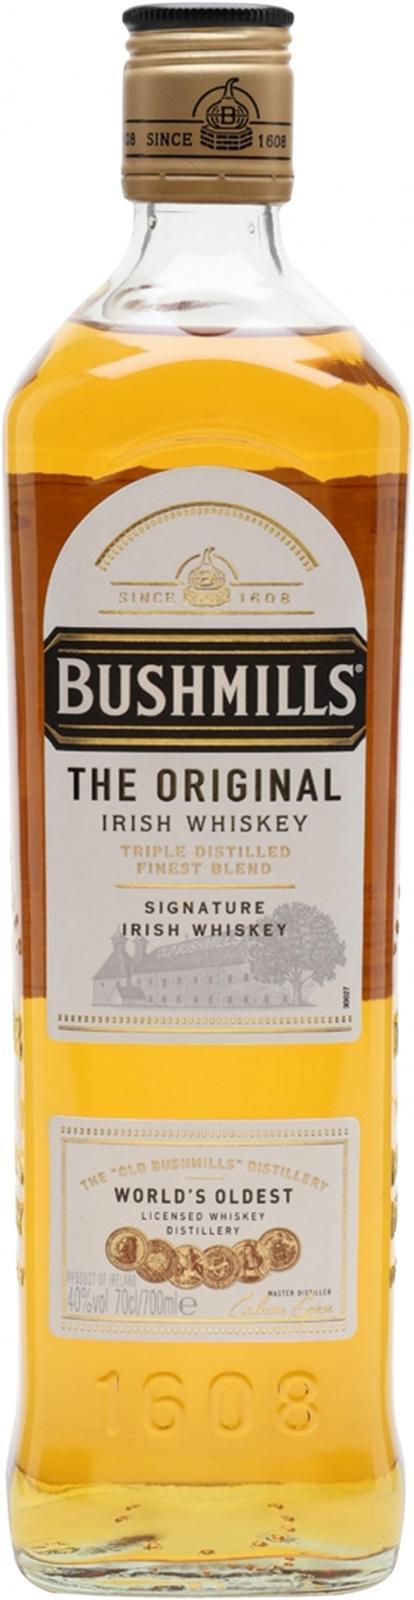 Bushmills The Original